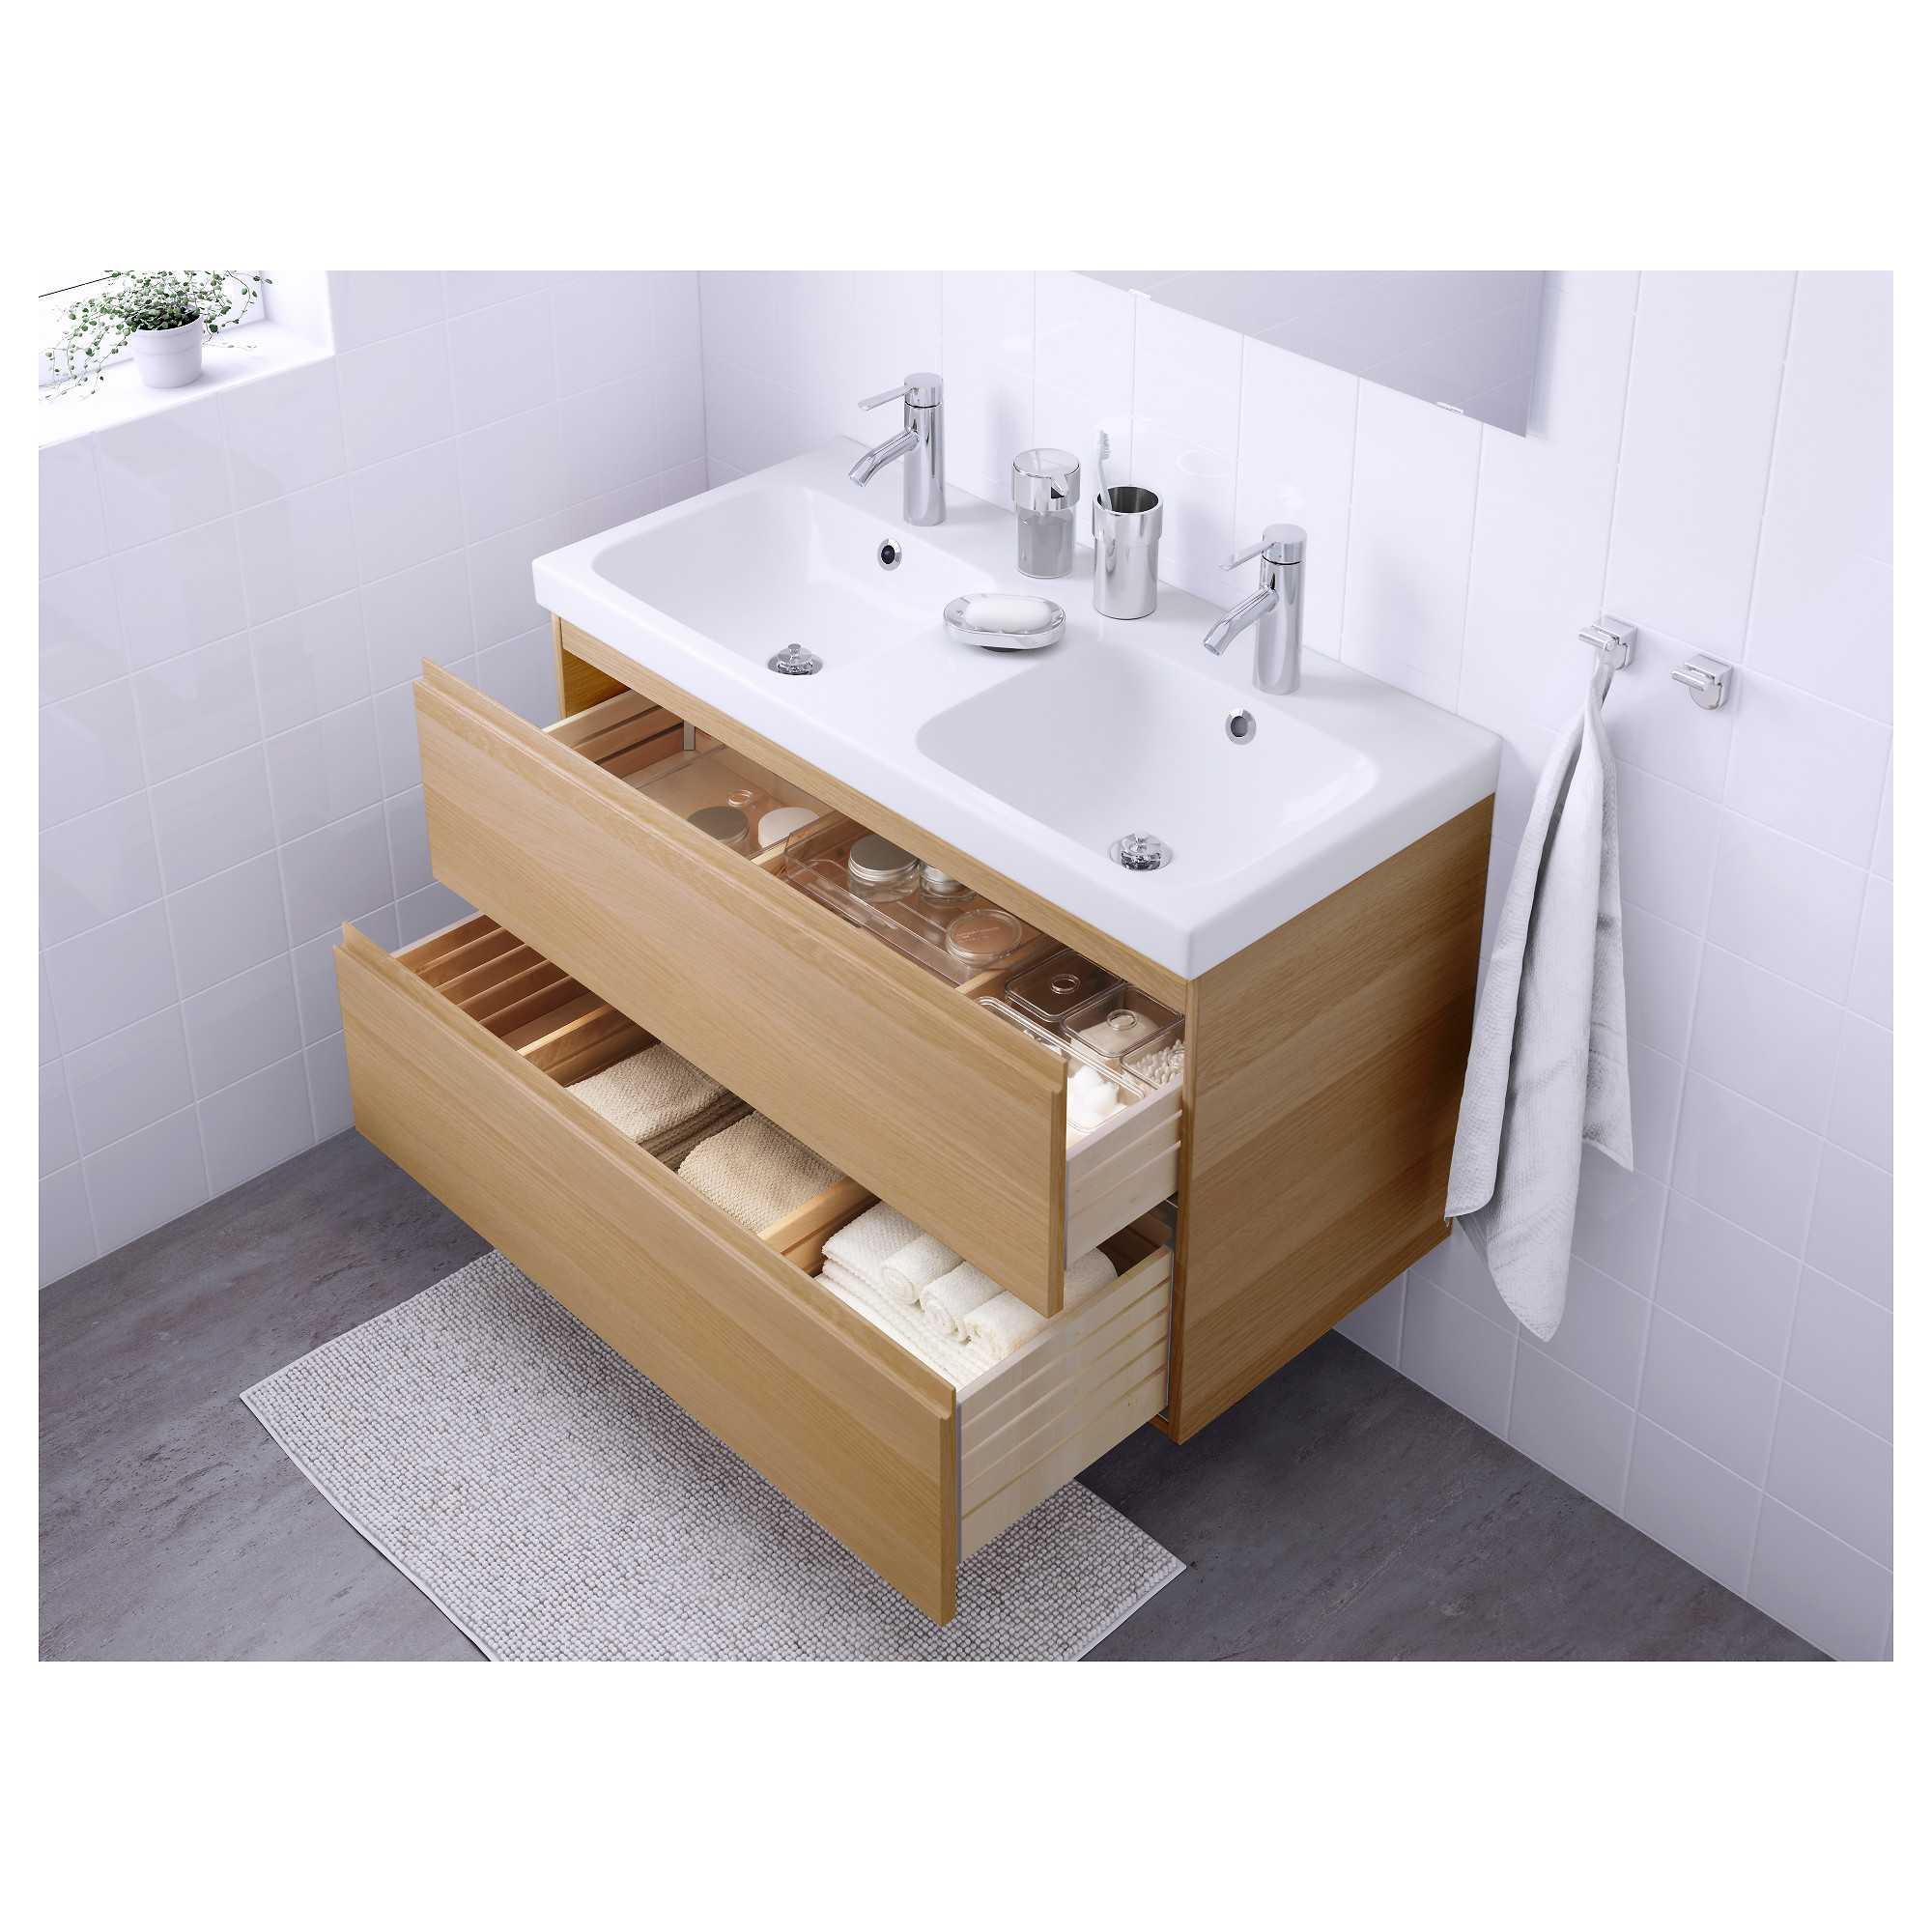 Meuble Salle De Bain Ikea Double Vasque Beau Photos Meuble Pour Vasque 32 Dsc 0350